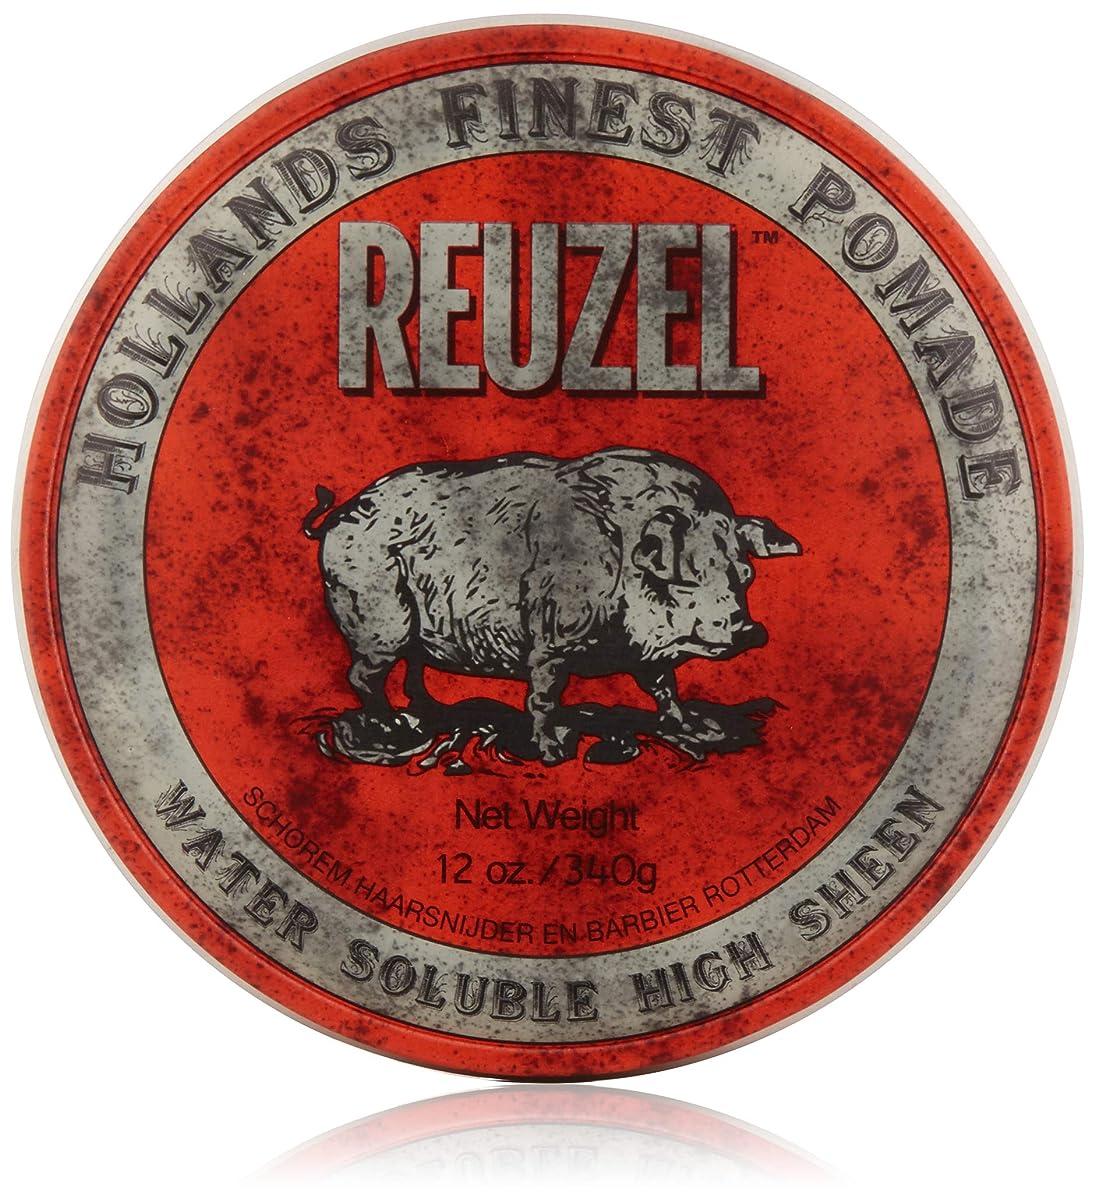 革命症状注ぎますREUZEL Hair Pomade Hog, Red, 12 oz by REUZEL